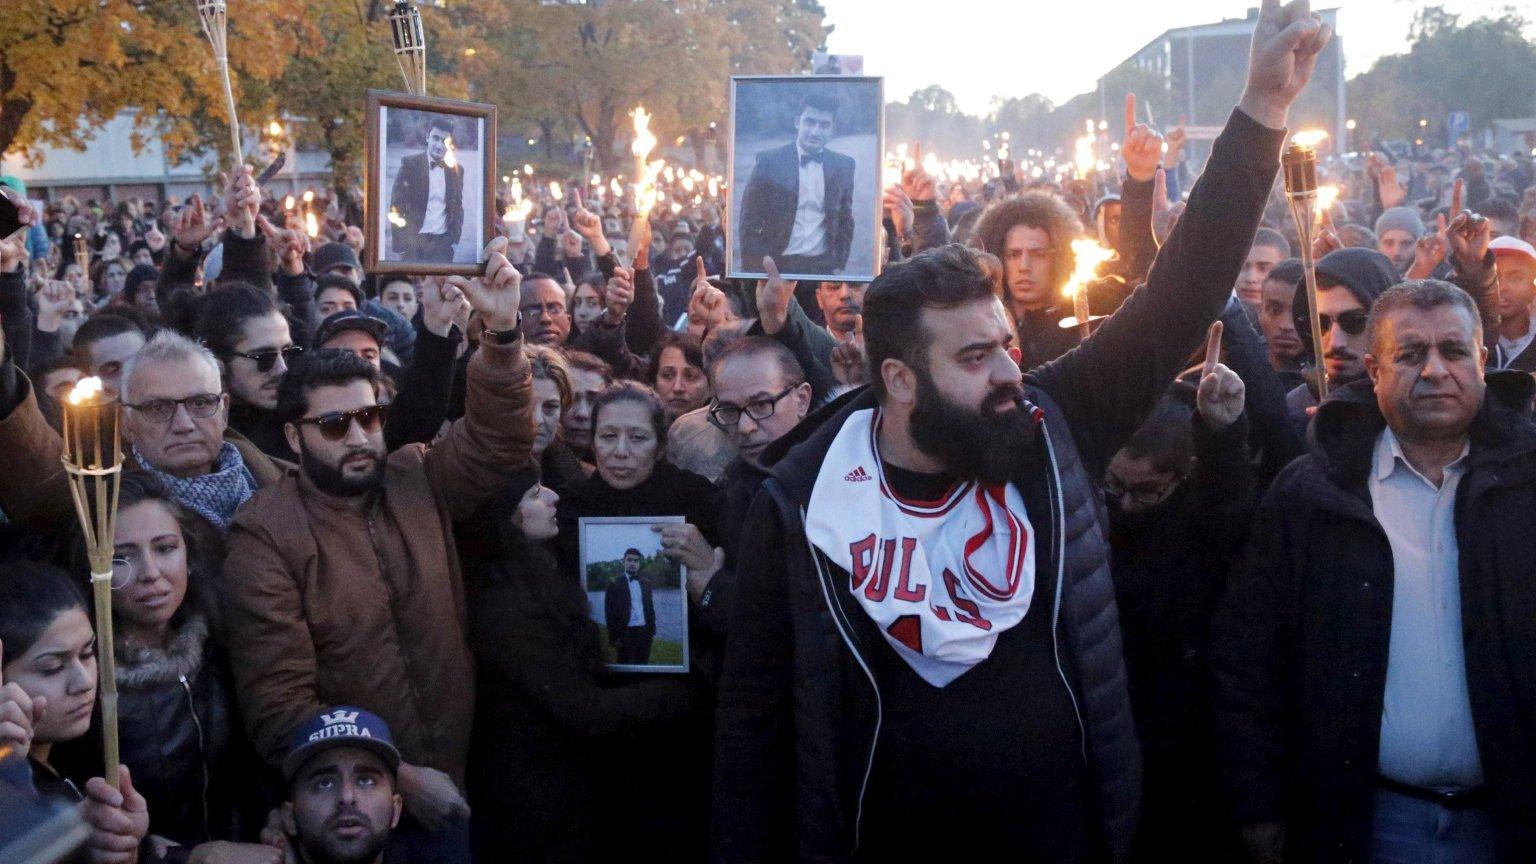 Demonstarcja po tragedii w szkole w Trollhättan w Szwecji, gdzie rasista zamordował dwie osoby, a wiele ranił.